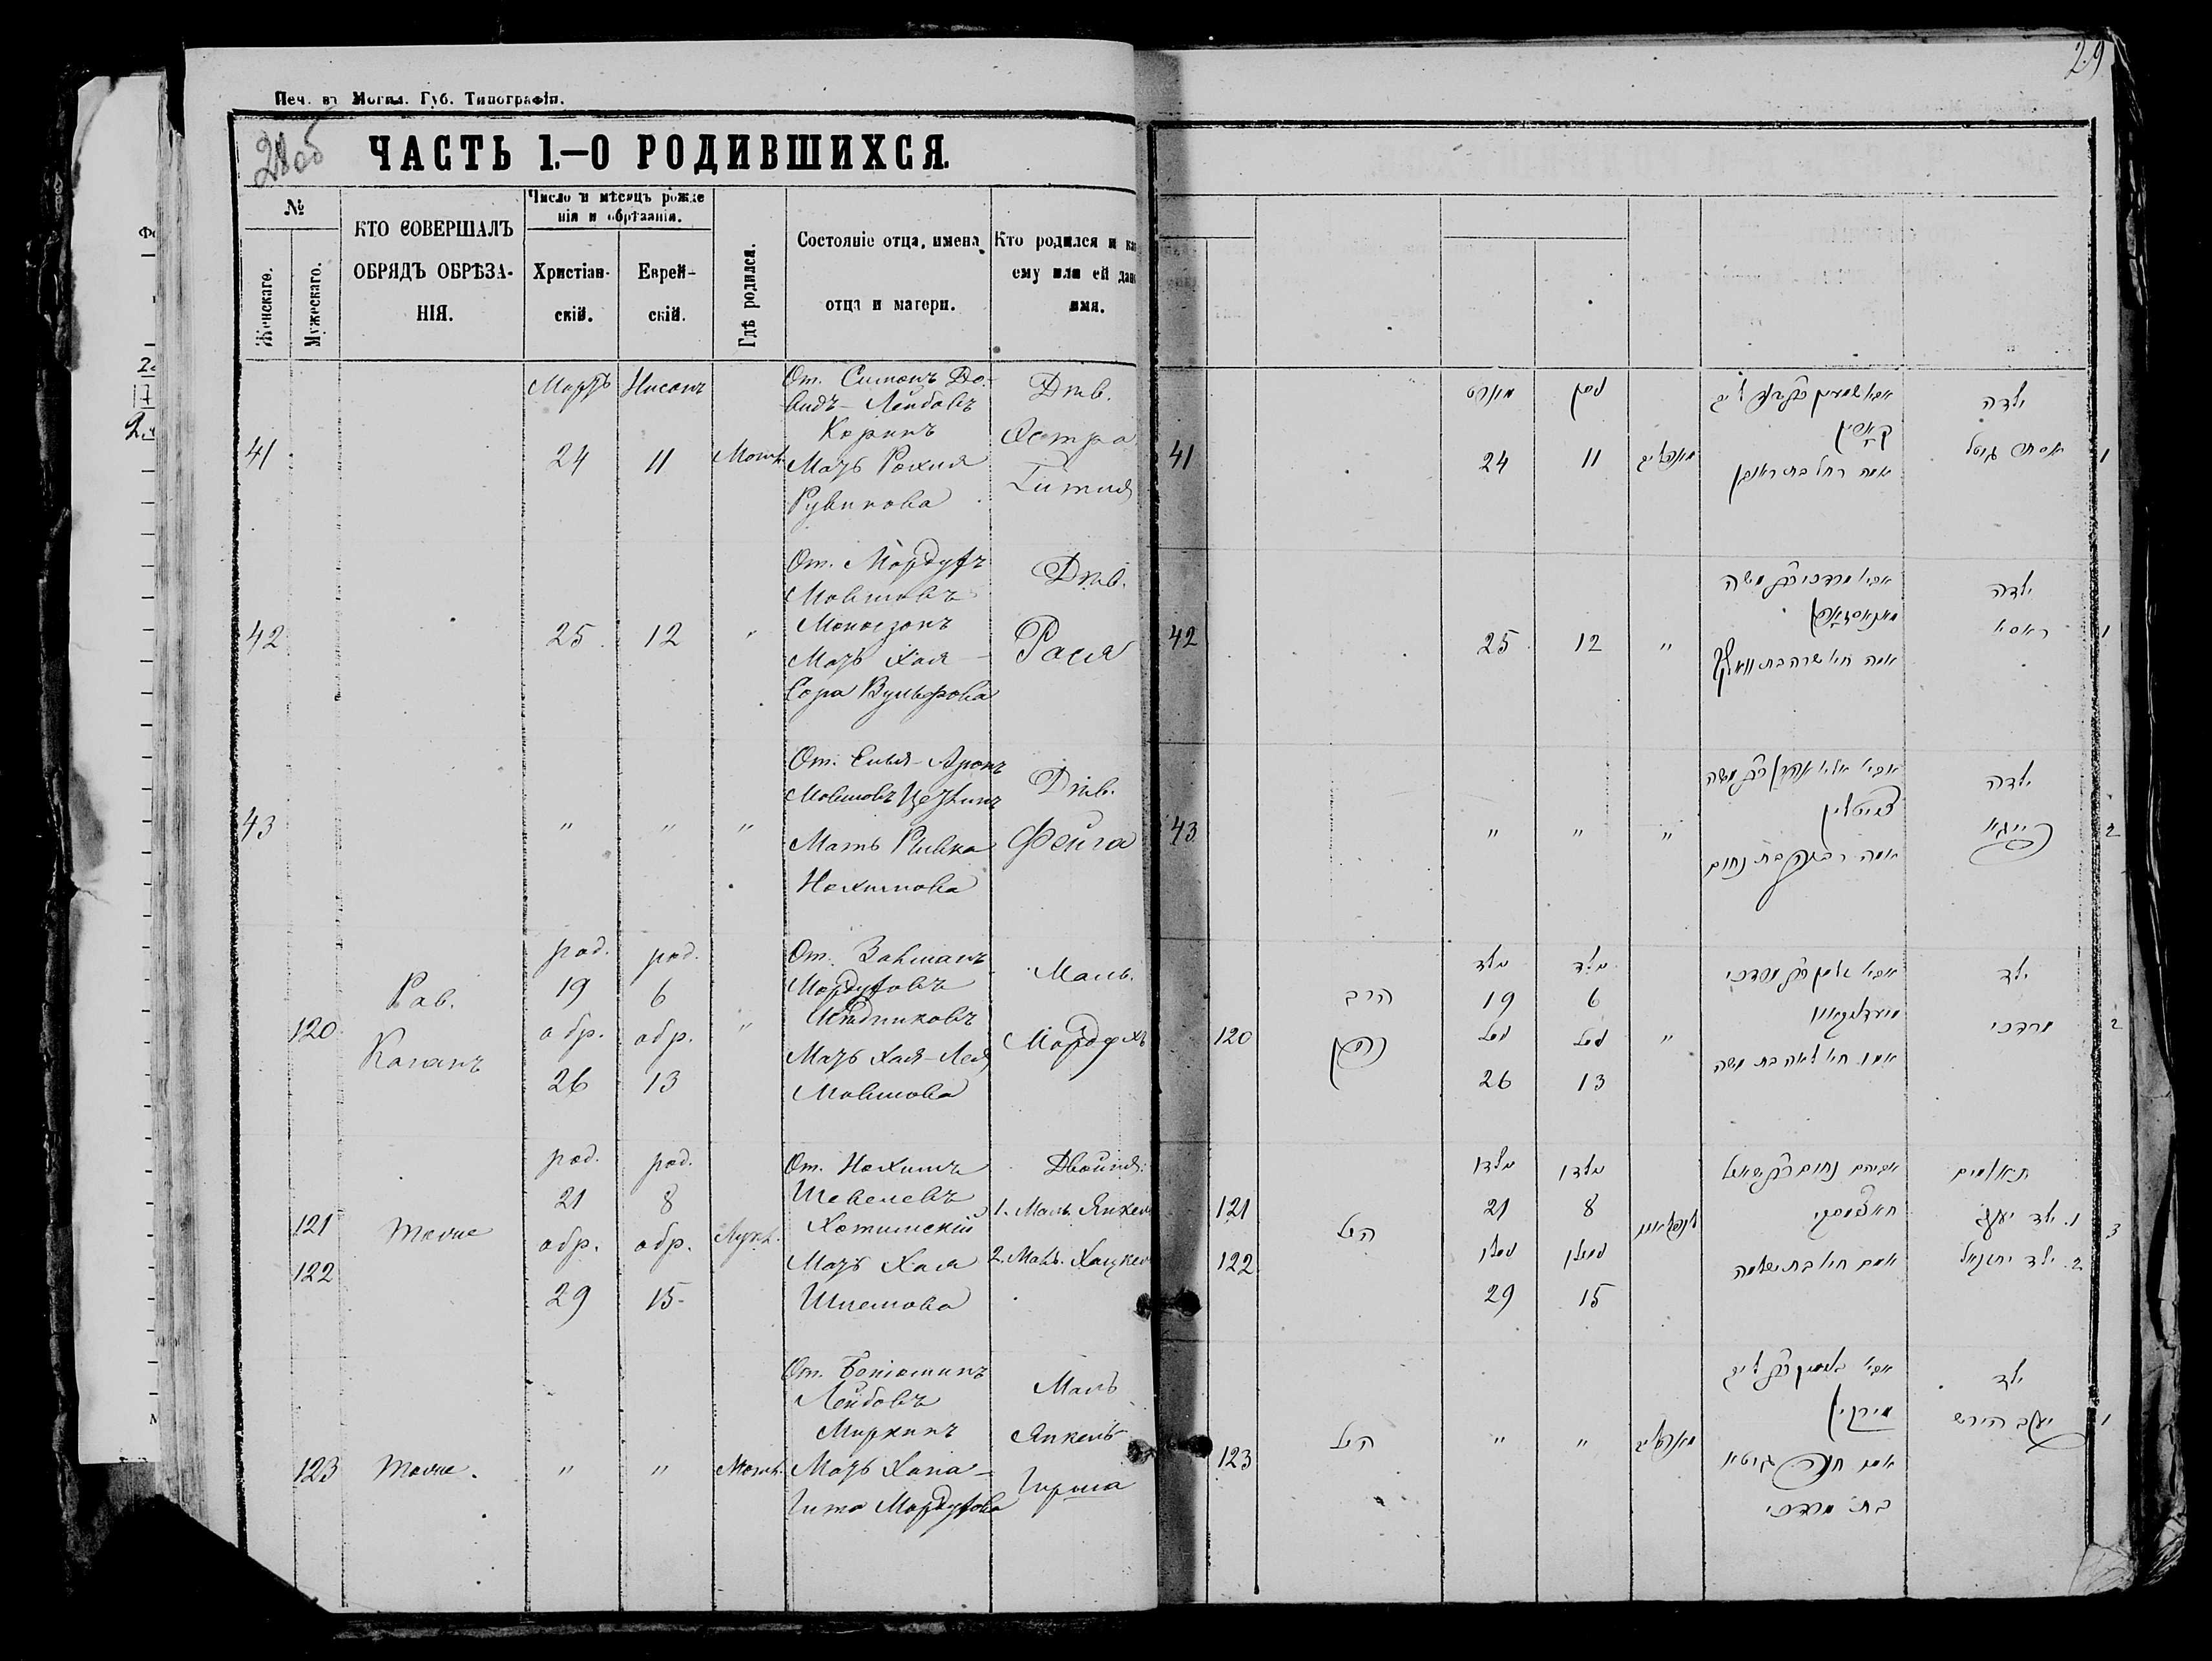 Янкель и Хацкель Хотимские 21 марта 1876, записи 121б122, пленка 007766481, снимок 575